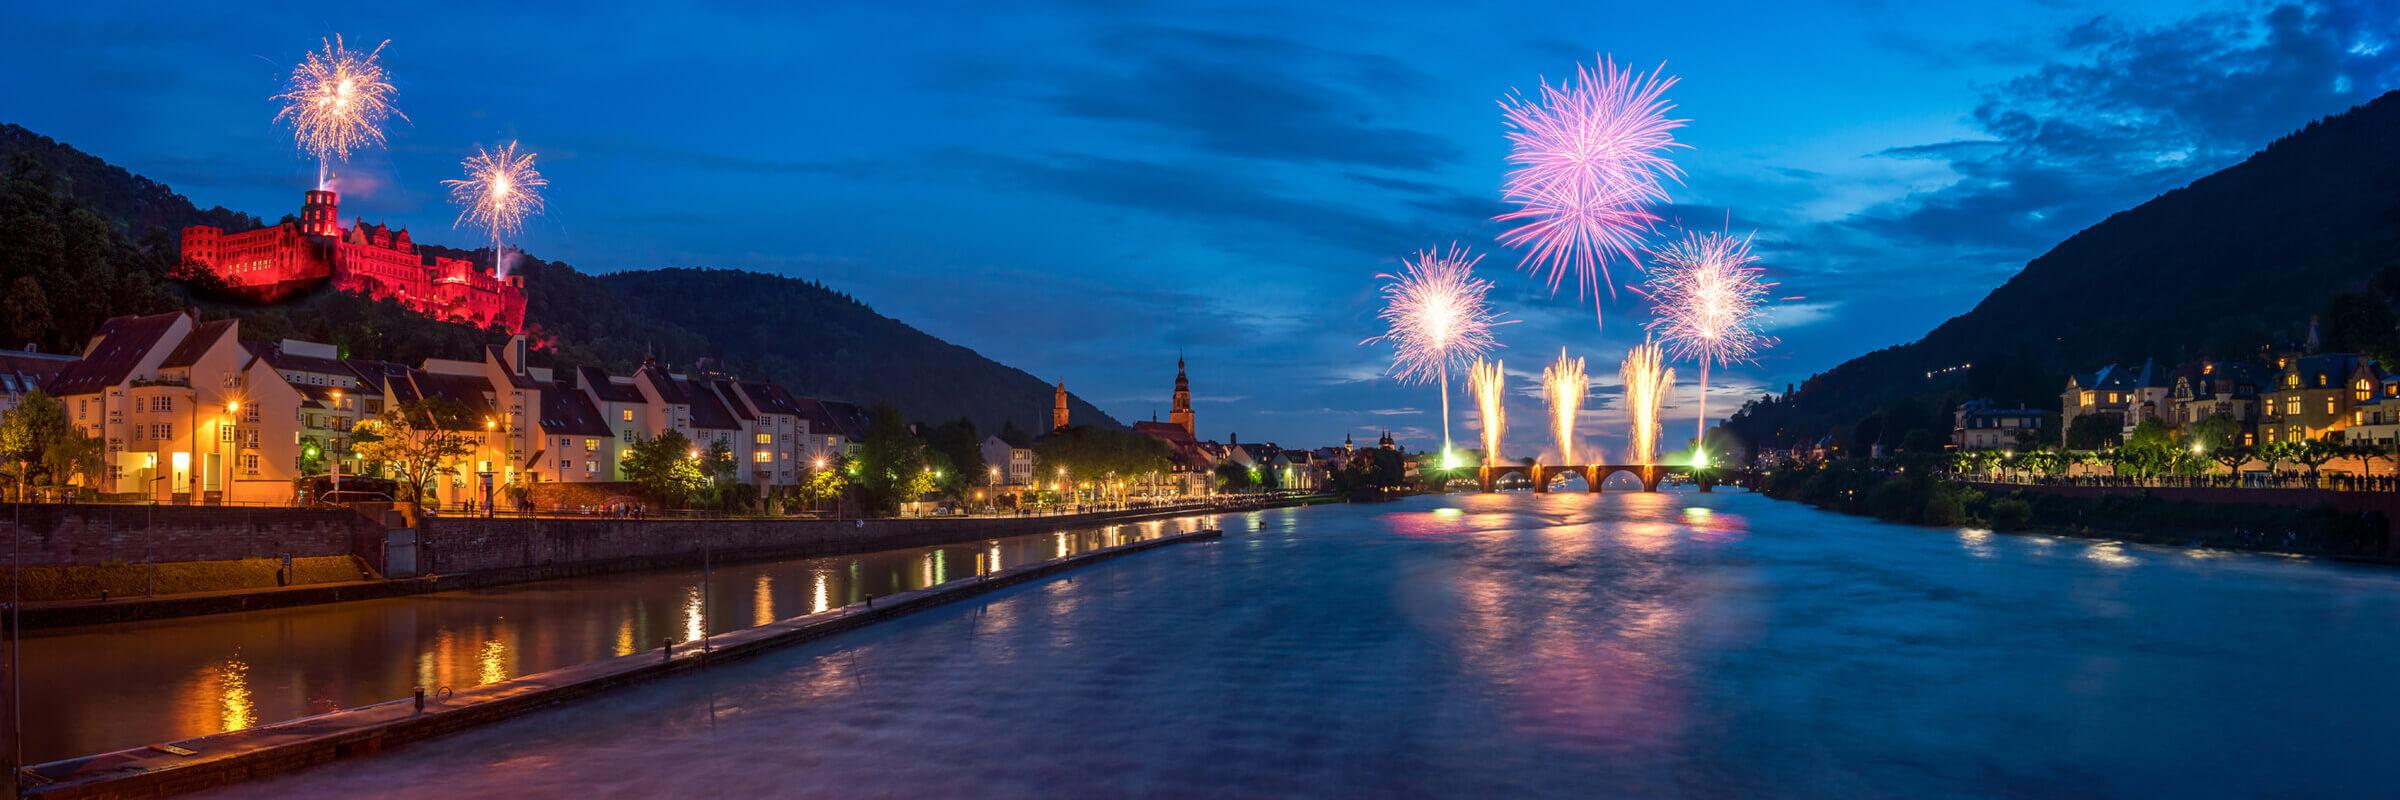 easybox beleuchtete Stadt am Abend mit gigantischen Feuerwerken